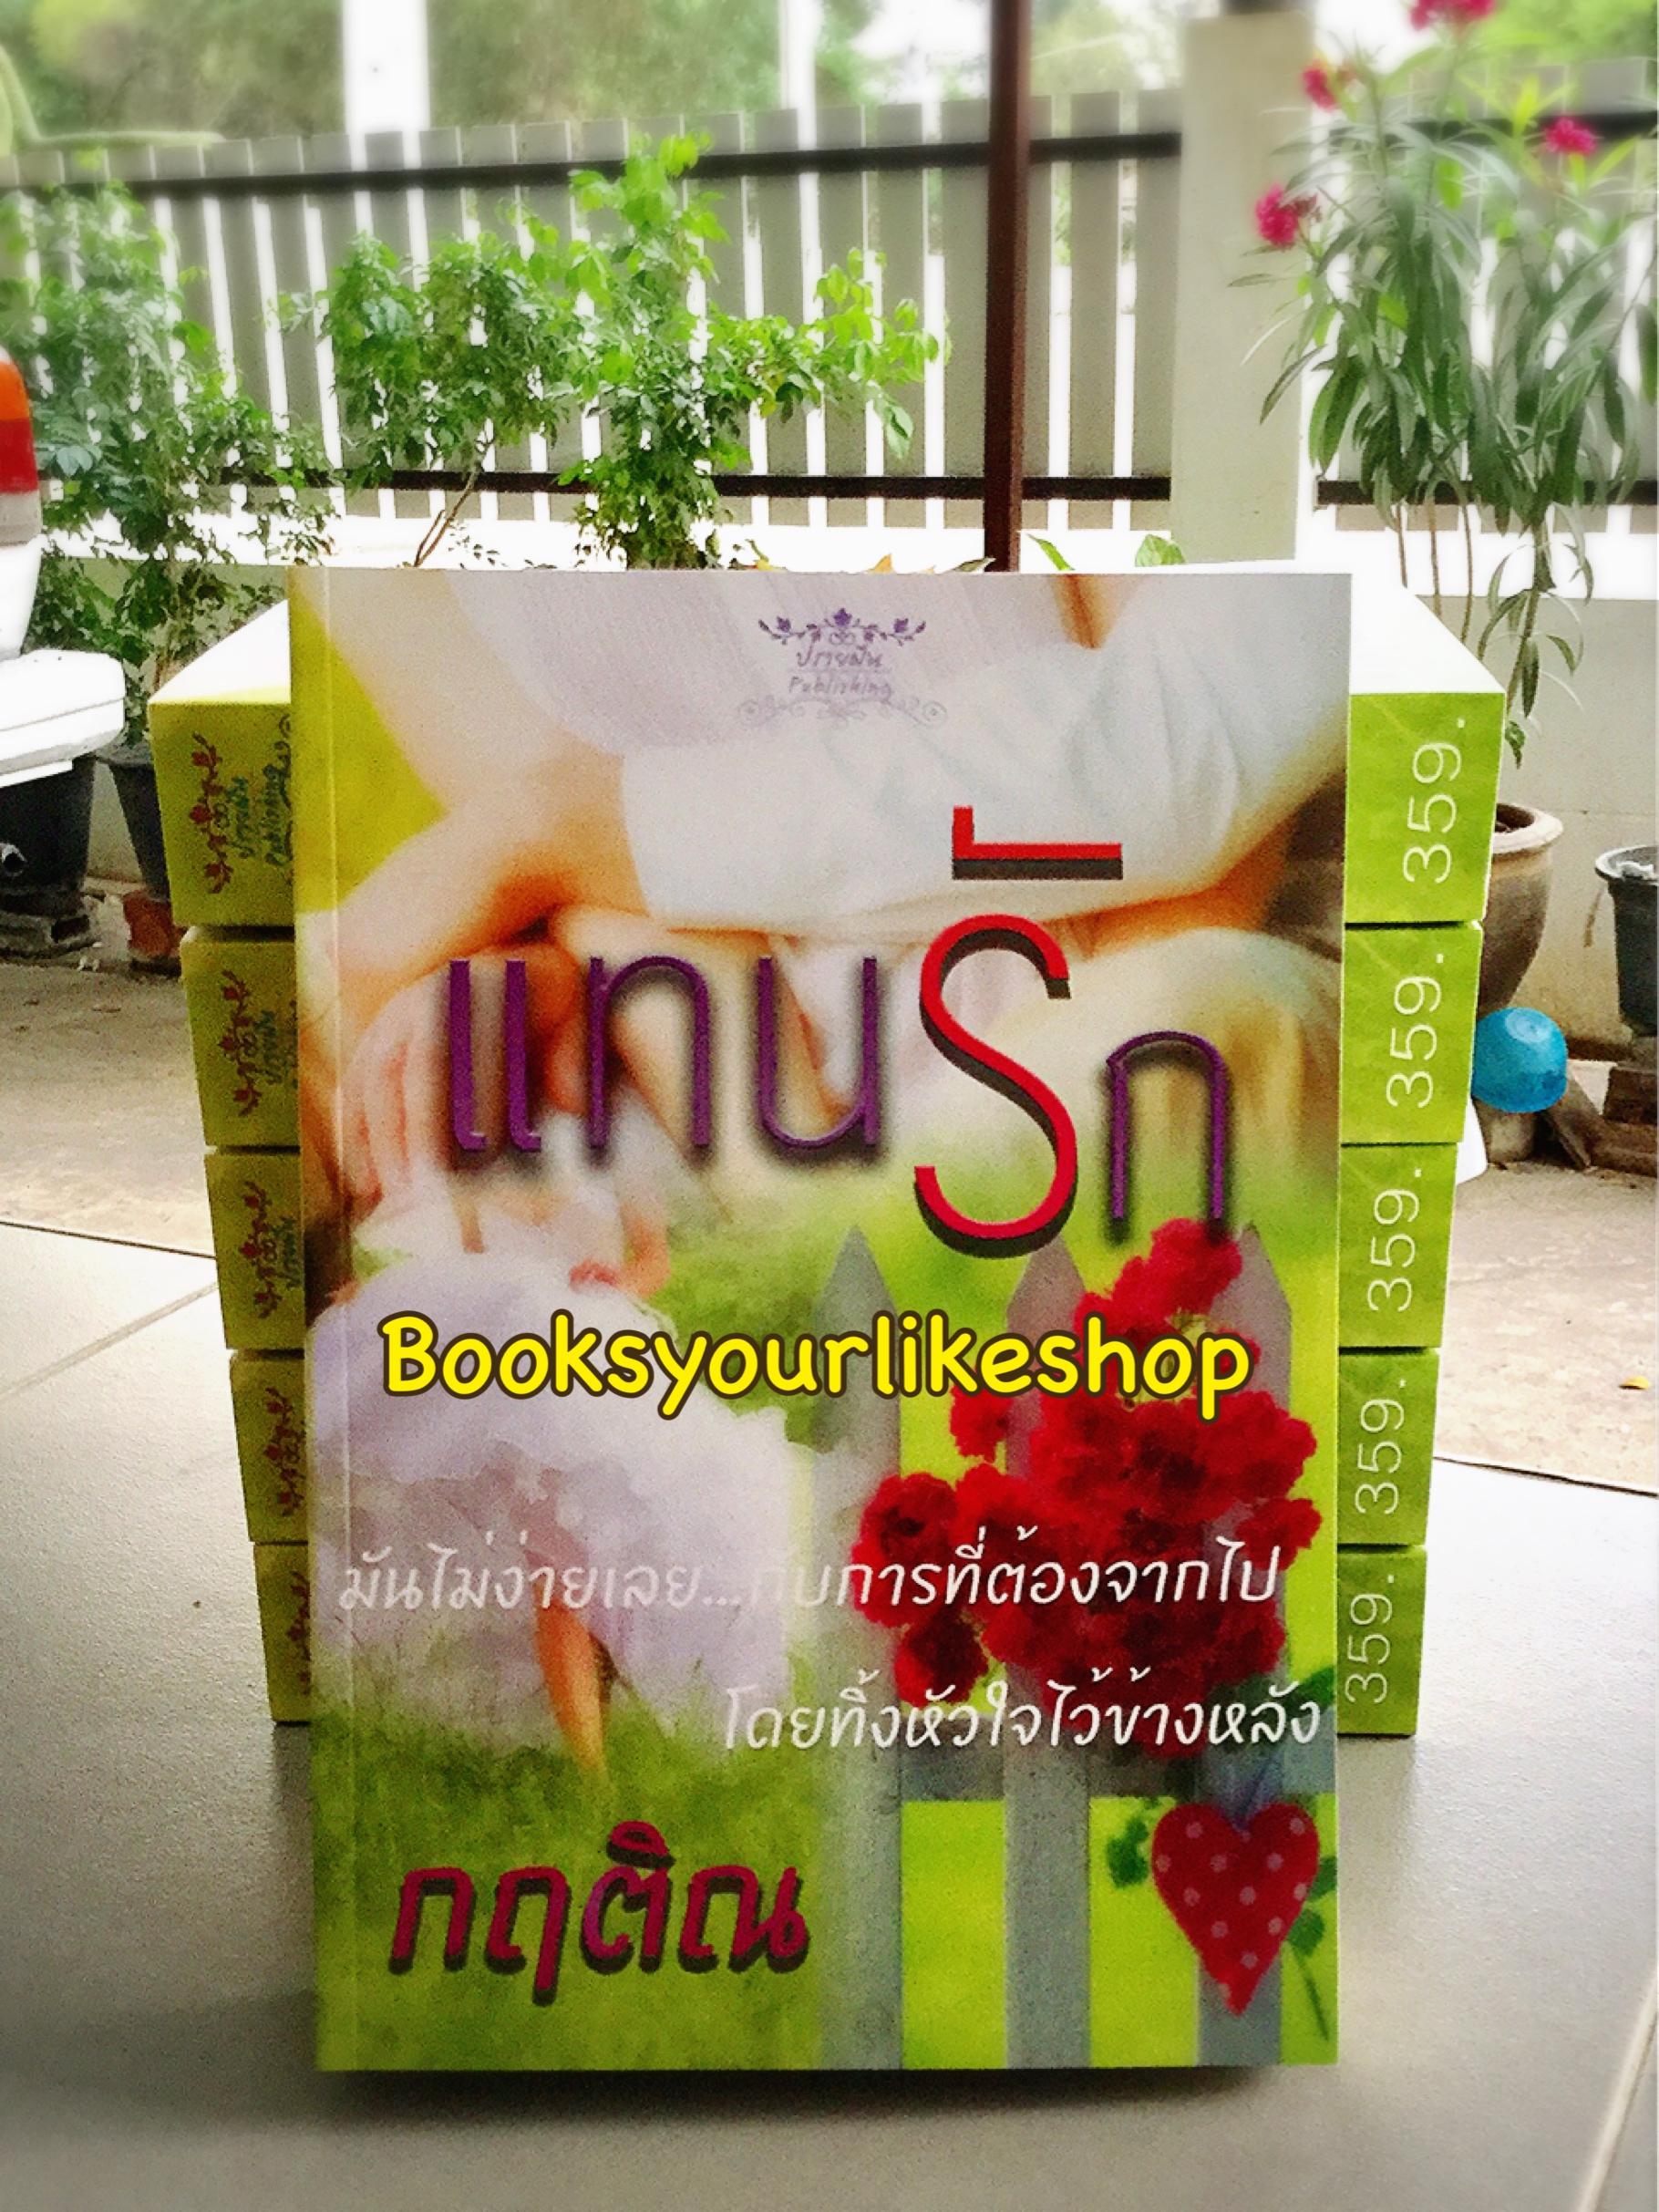 โปรส่งจับคู่ ส่งฟรี แทนรัก / อิสรียา ( กฤติณ ) หนังสือใหม่ทำมือ สนุกคะ